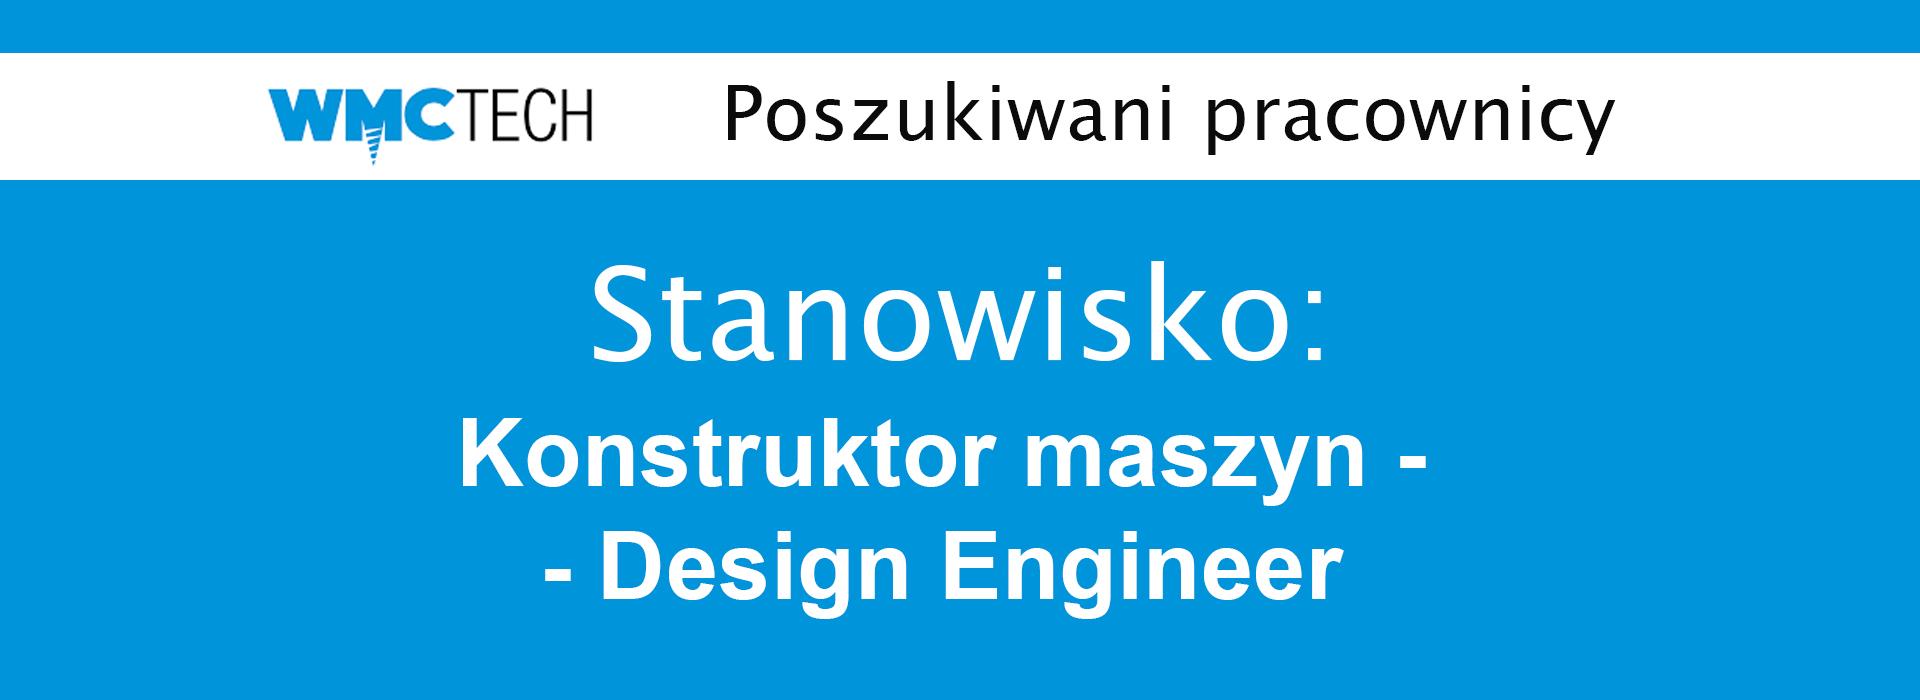 WMC TECH zatrudni na stanowisko: konstruktor maszyn